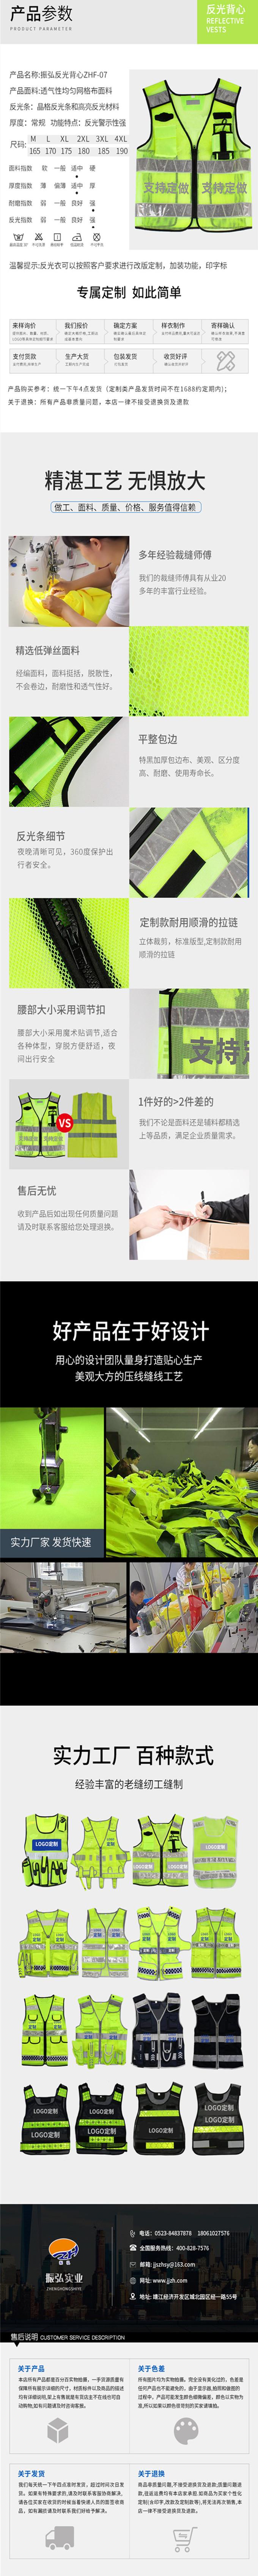 反光背心ZHF-07 详情页_副本